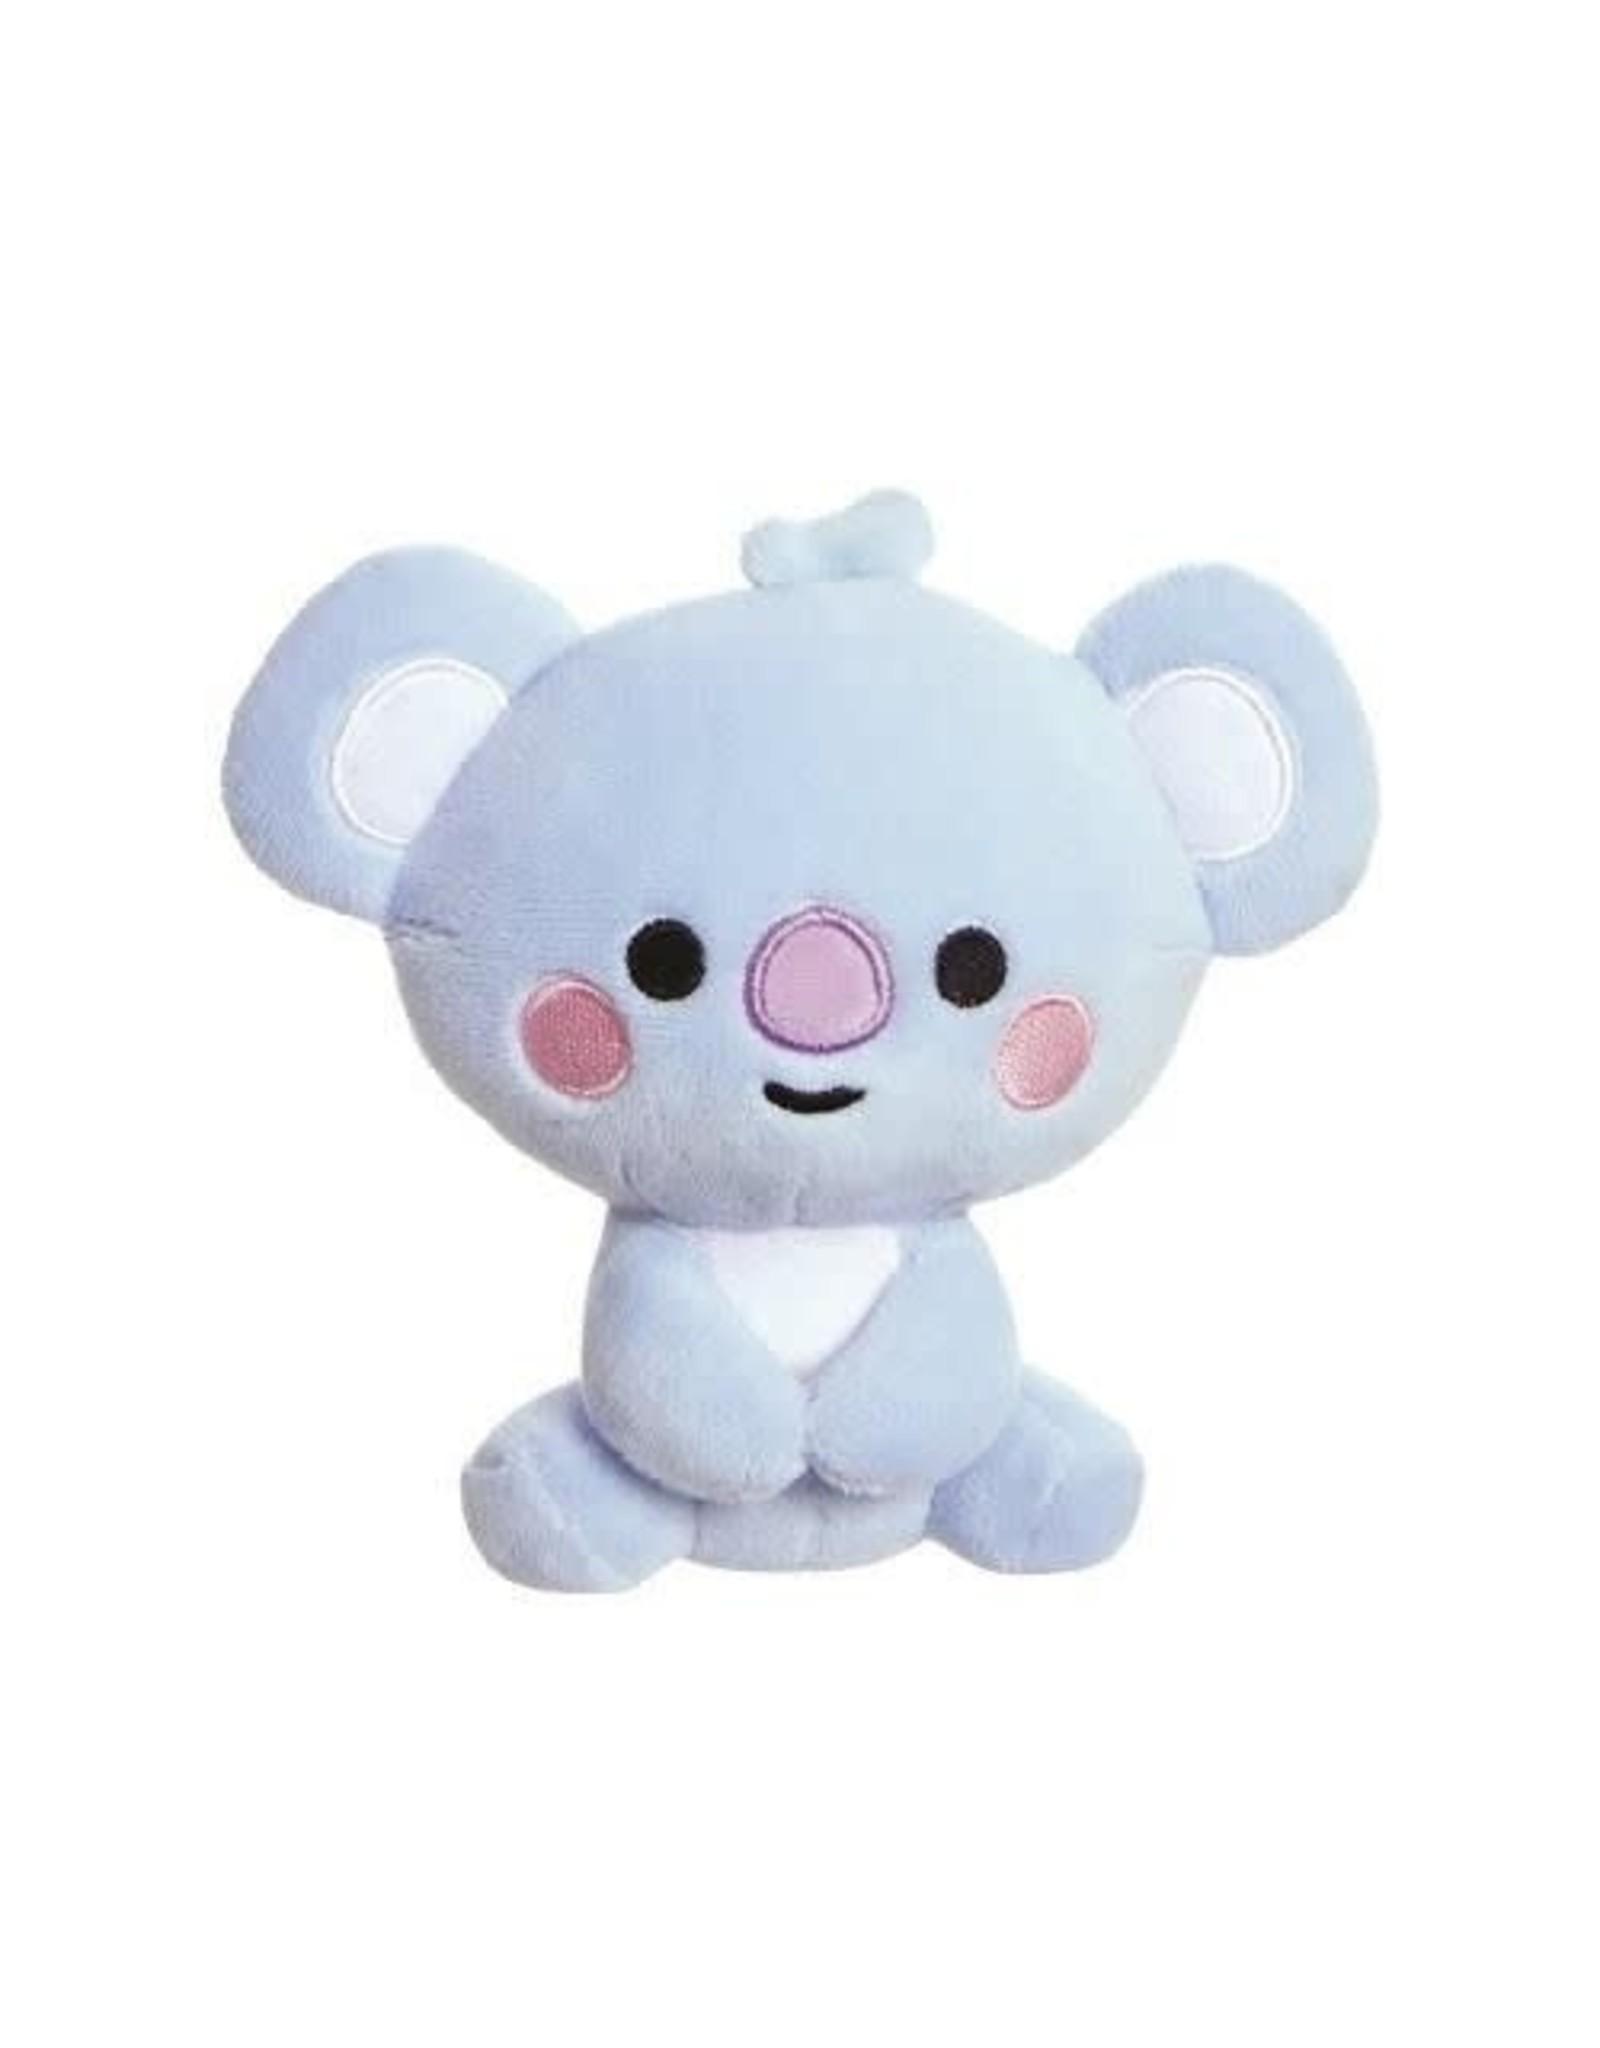 BT21 - Koya Baby - 13 cm